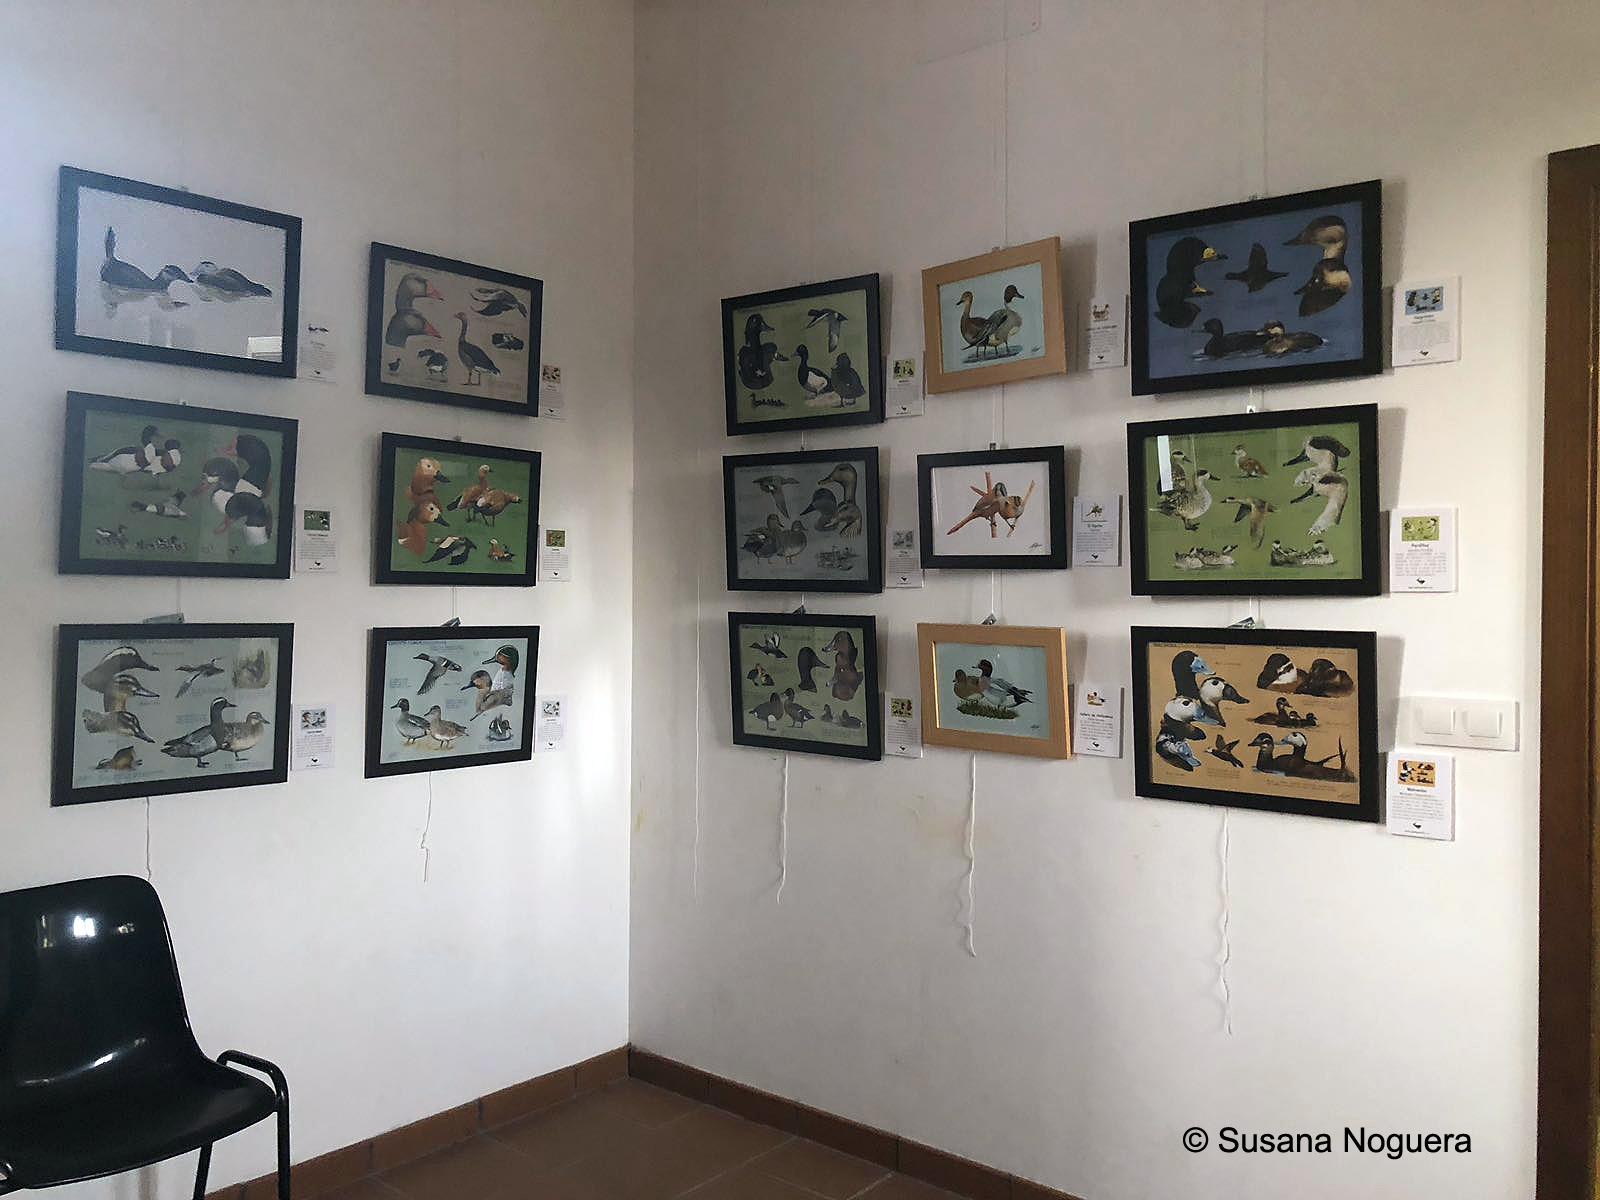 Una esquina llena de fotos en la exposición que ahora mismo hay en la EOT. Imagen: Susana Noguera